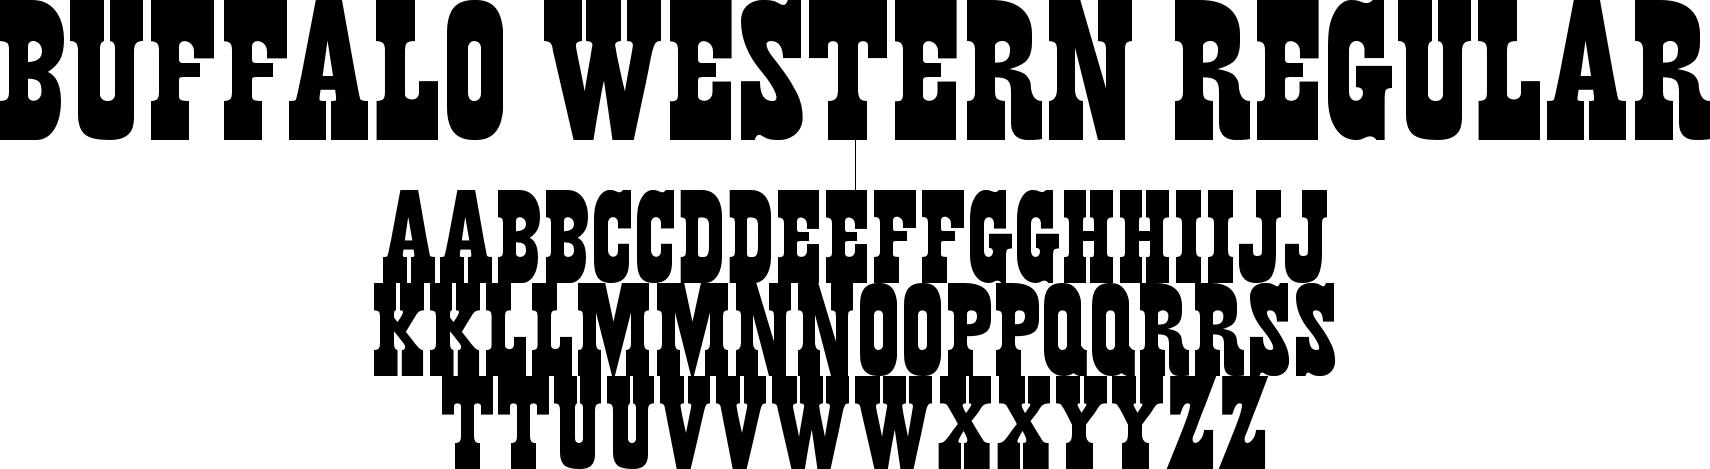 Buffalo Western Regular